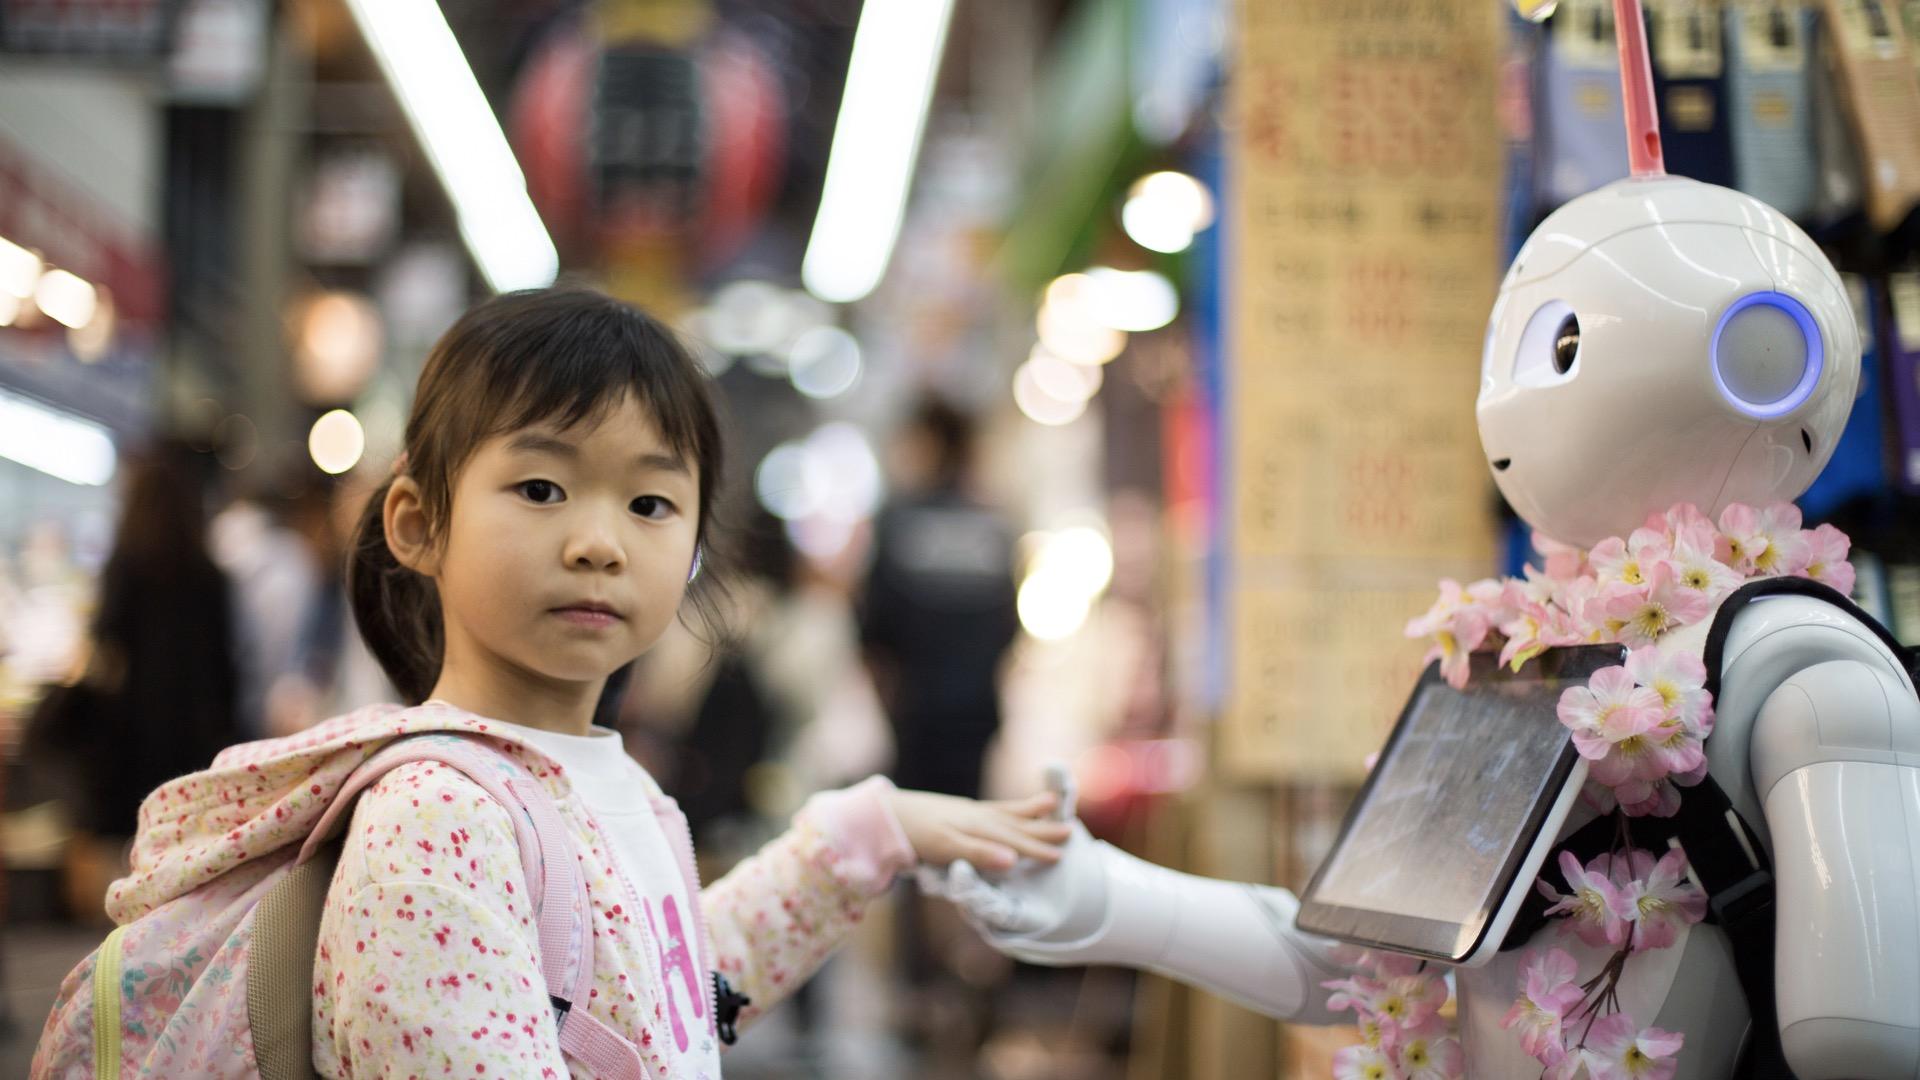 Может ли искусственный интеллект заменить ручное создание контента?